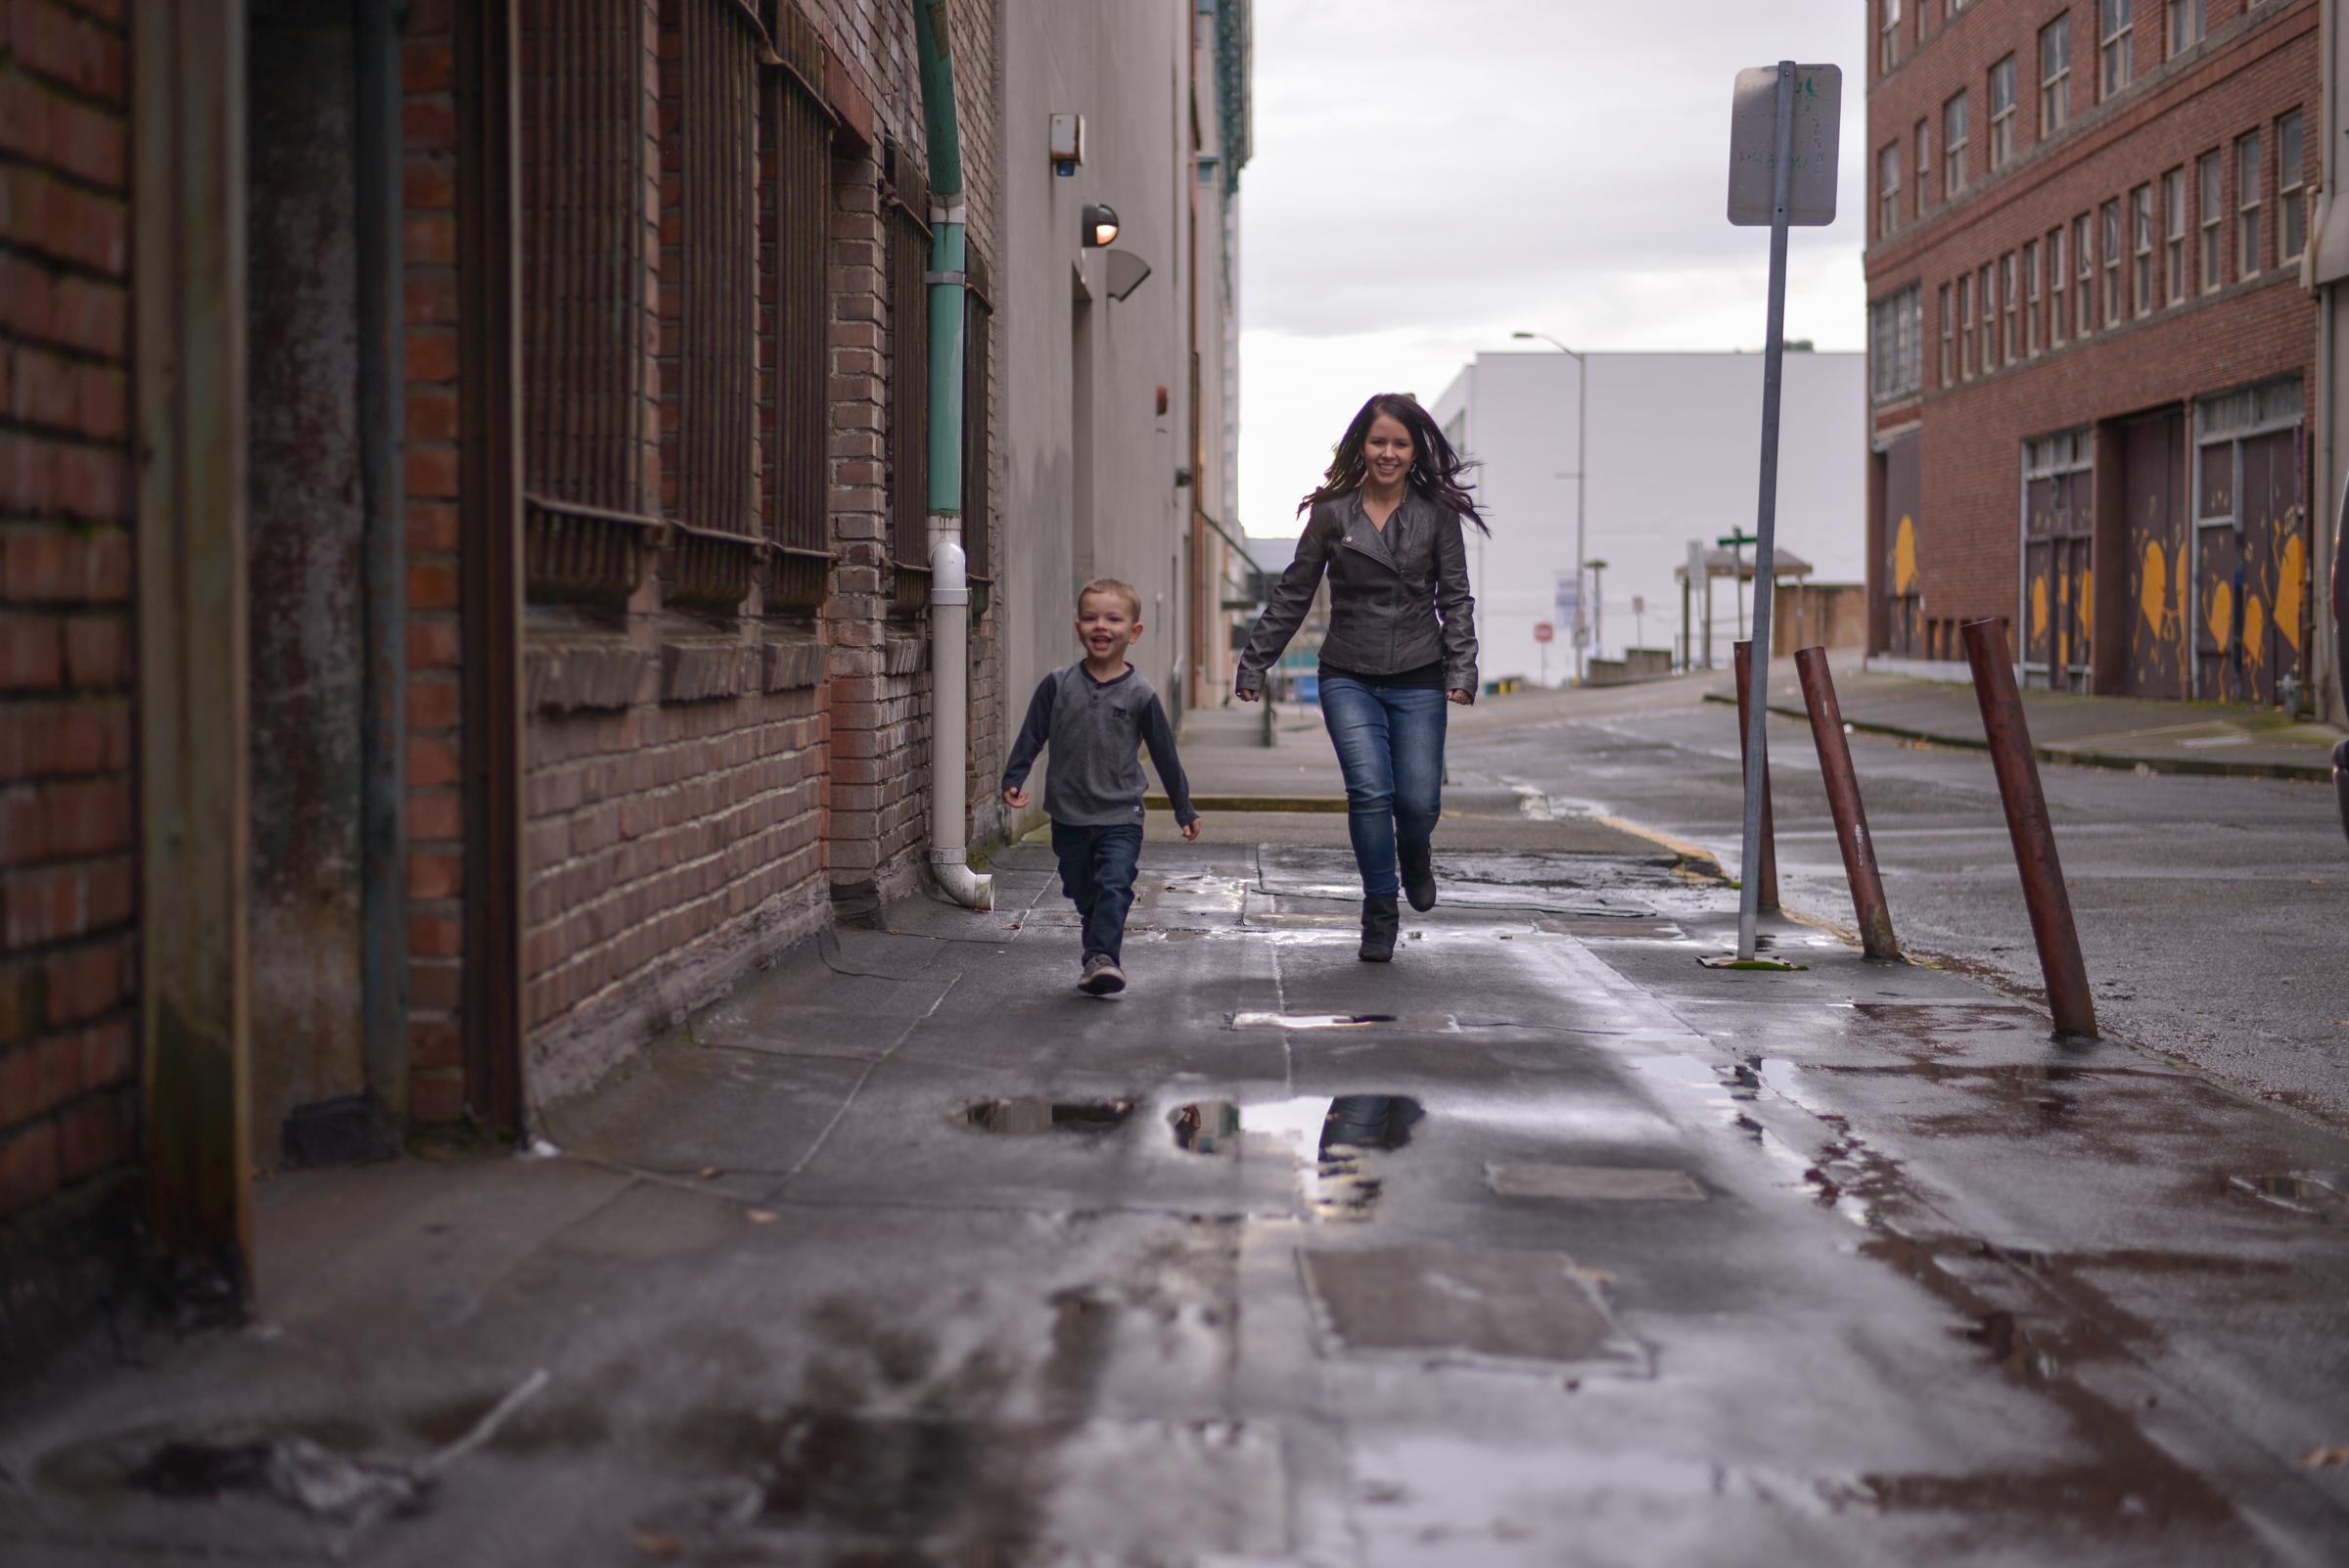 Mom & son running